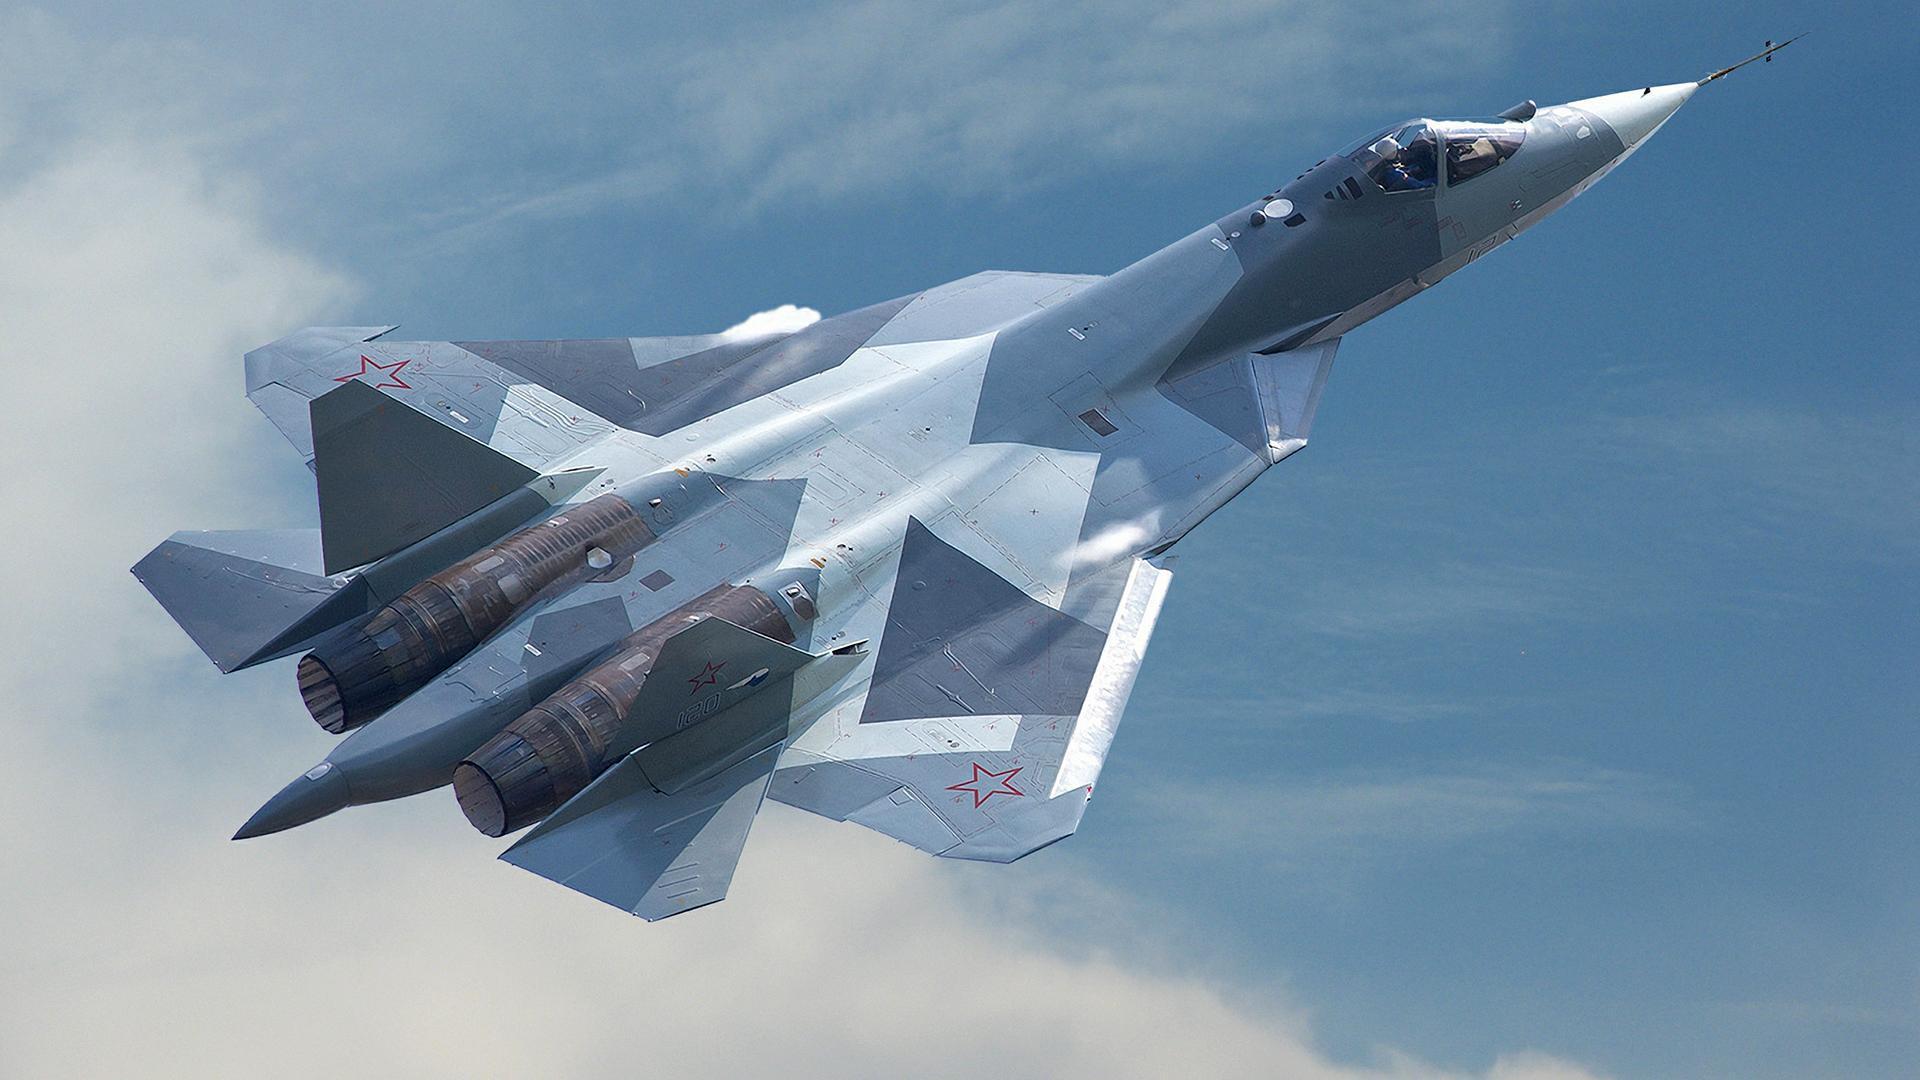 На видео показали первый серийный российский истребитель Су-57 для ВКС